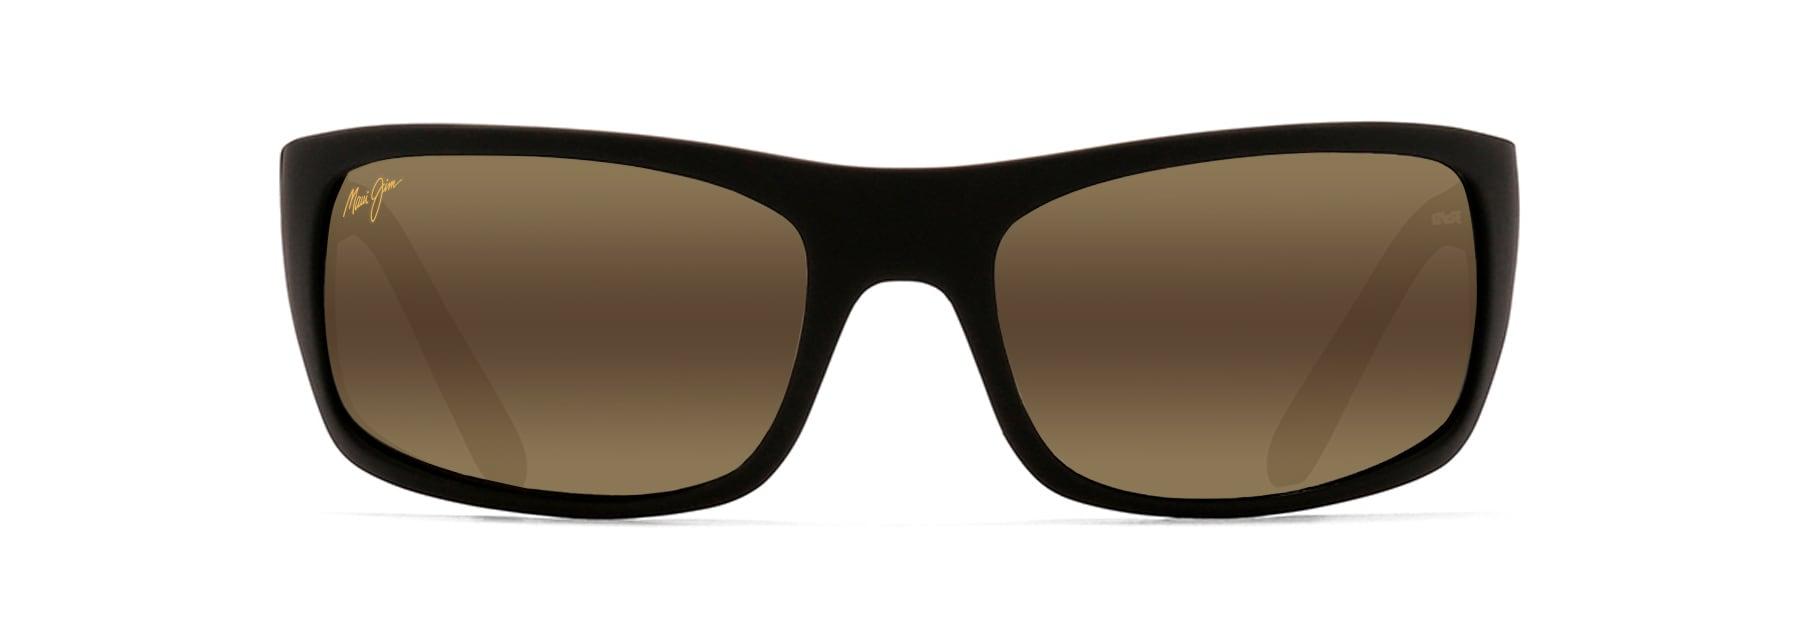 6e39ed525b0db Custom Peahi Polarized Sunglasses